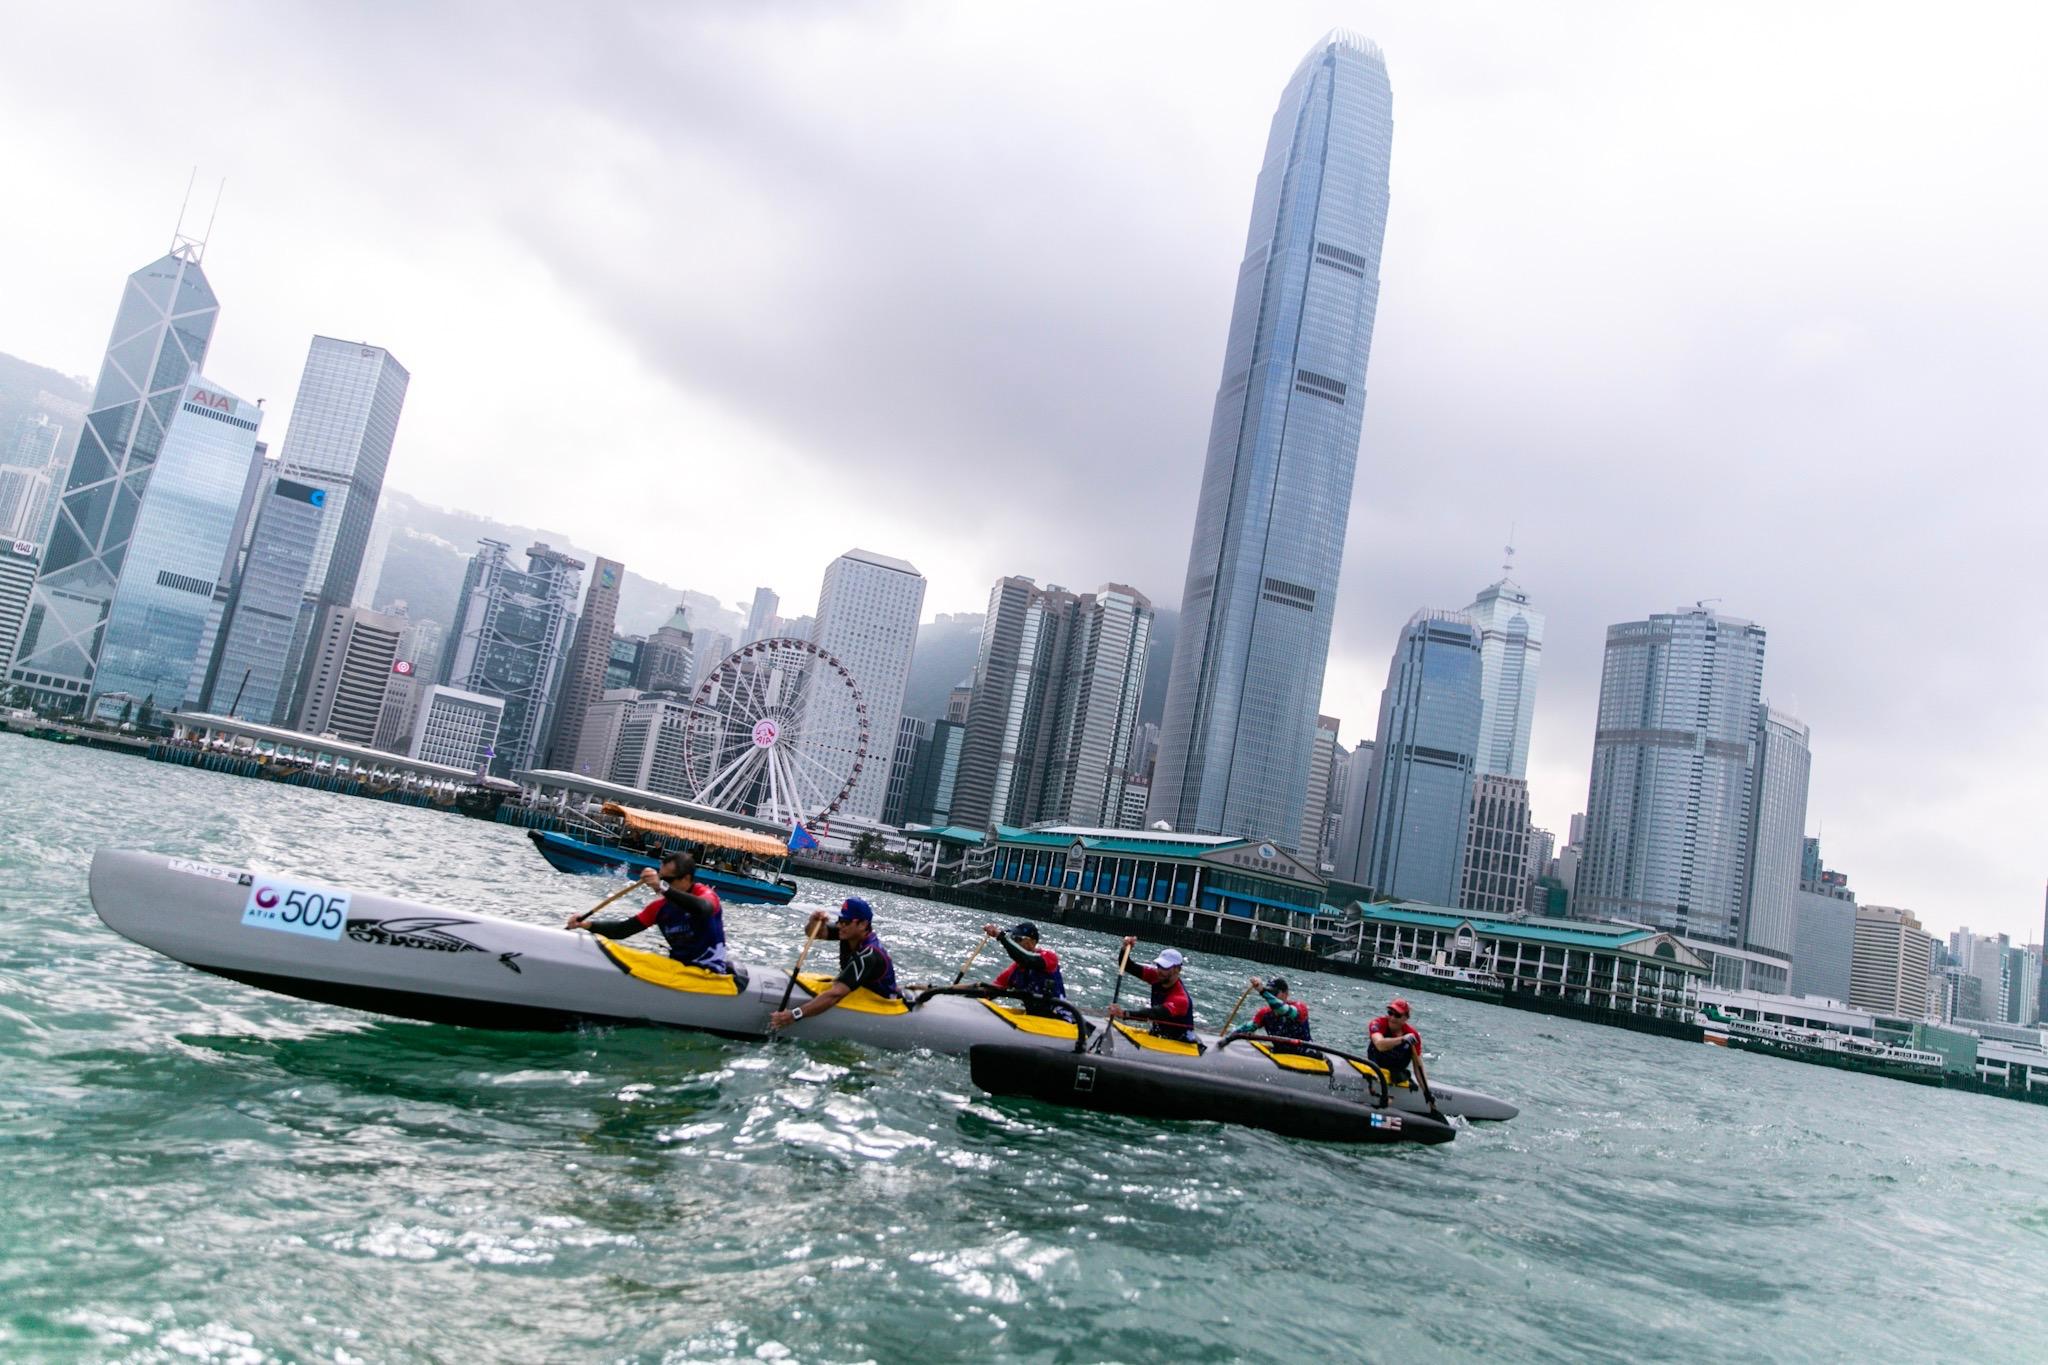 比賽路線途經銅鑼灣、石澳和赤柱等不少景點,猶如一場海上馬拉松。 相片由公關提供